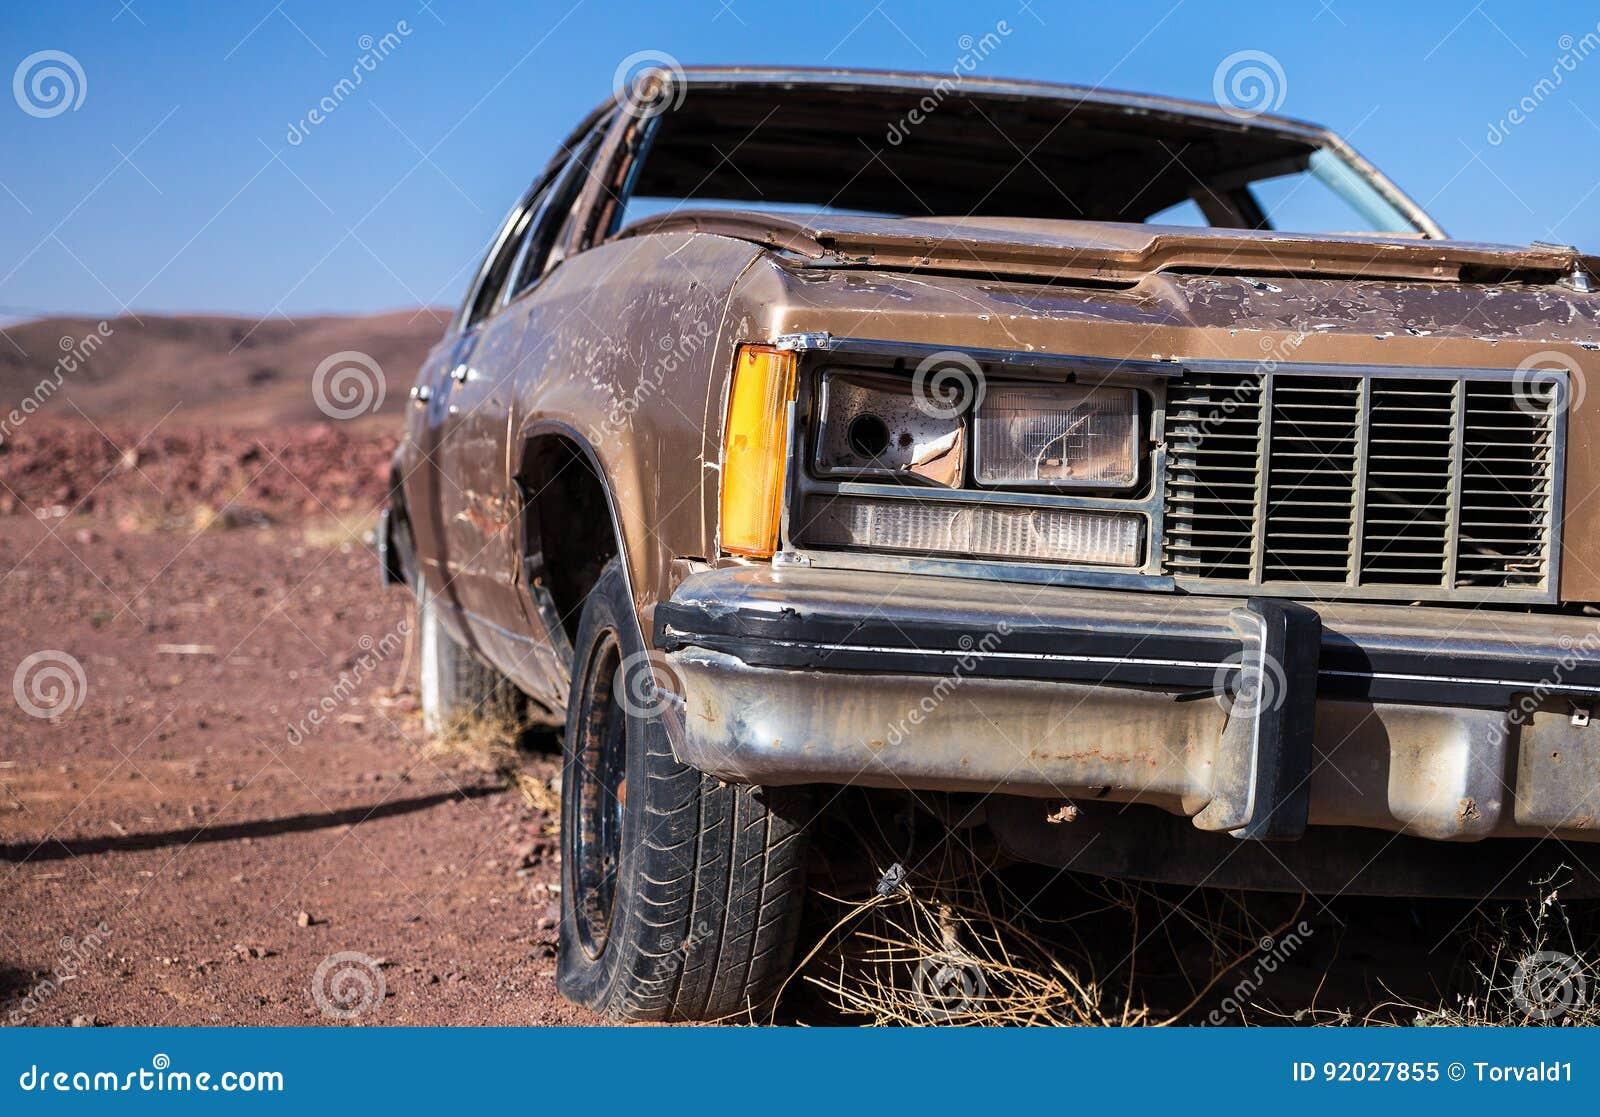 Oude bruine auto met een busted koplamp en lek band in de woestijn onder een blauwe hemel